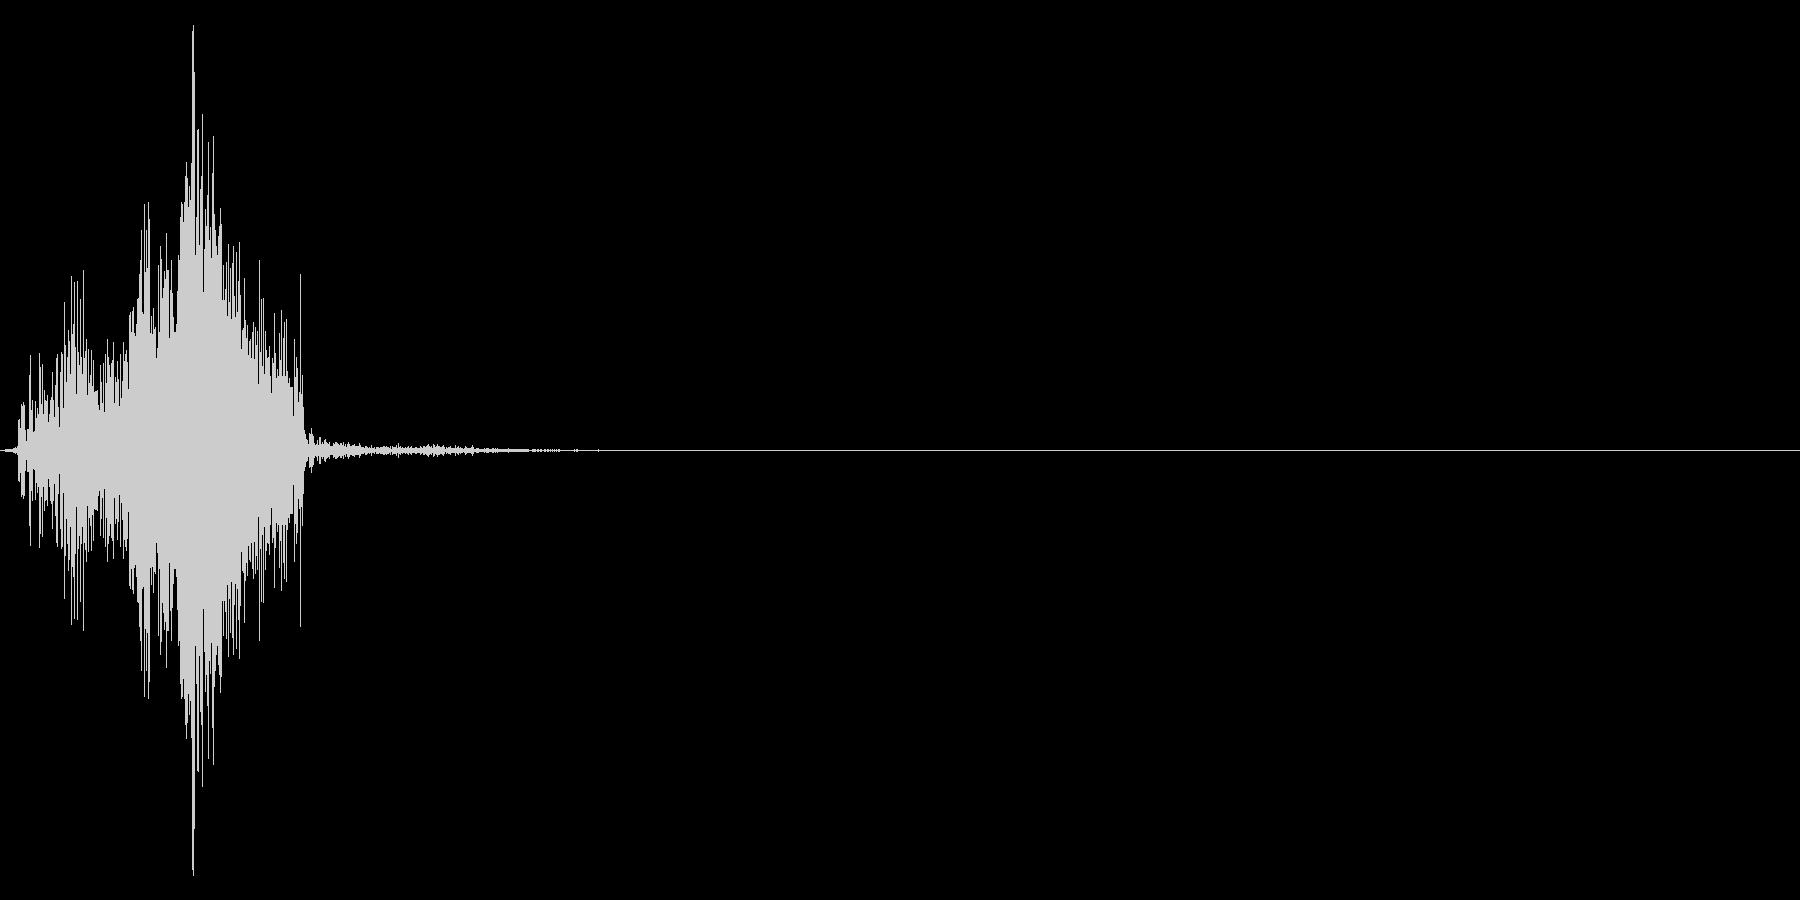 ジッパー、ファスナーを閉じる音2-3の未再生の波形